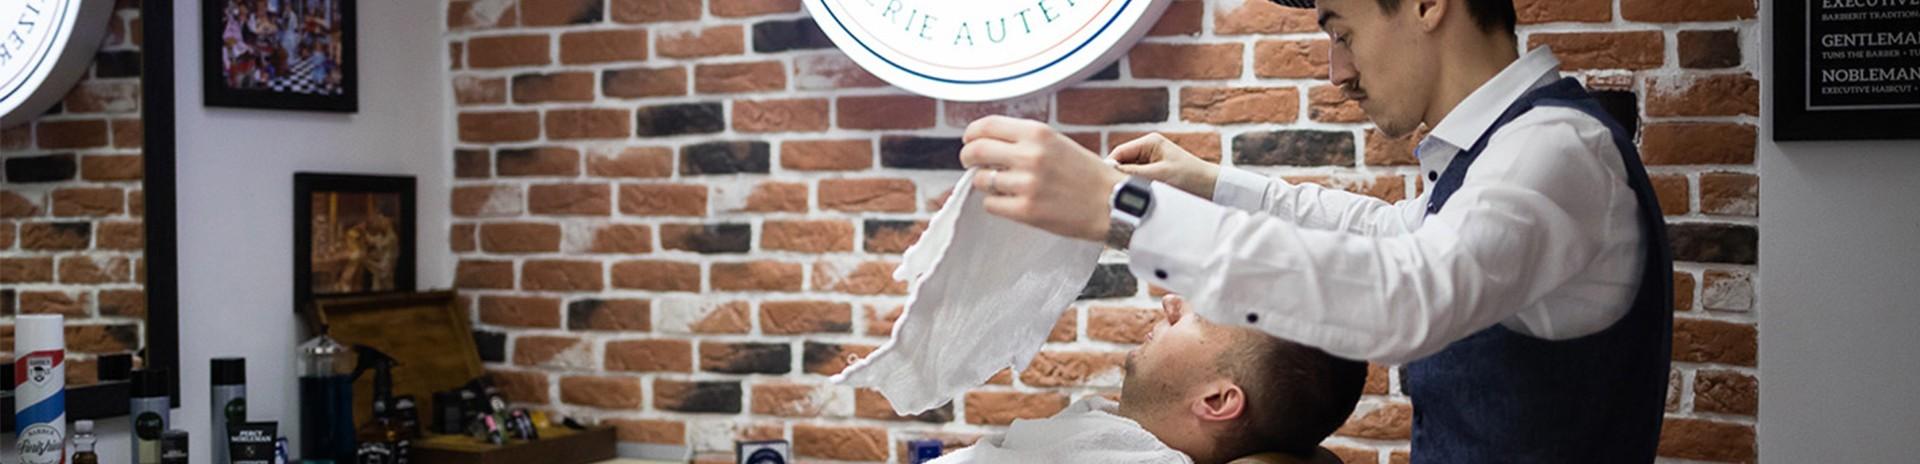 barbershop-frizerie-bucuresti-01